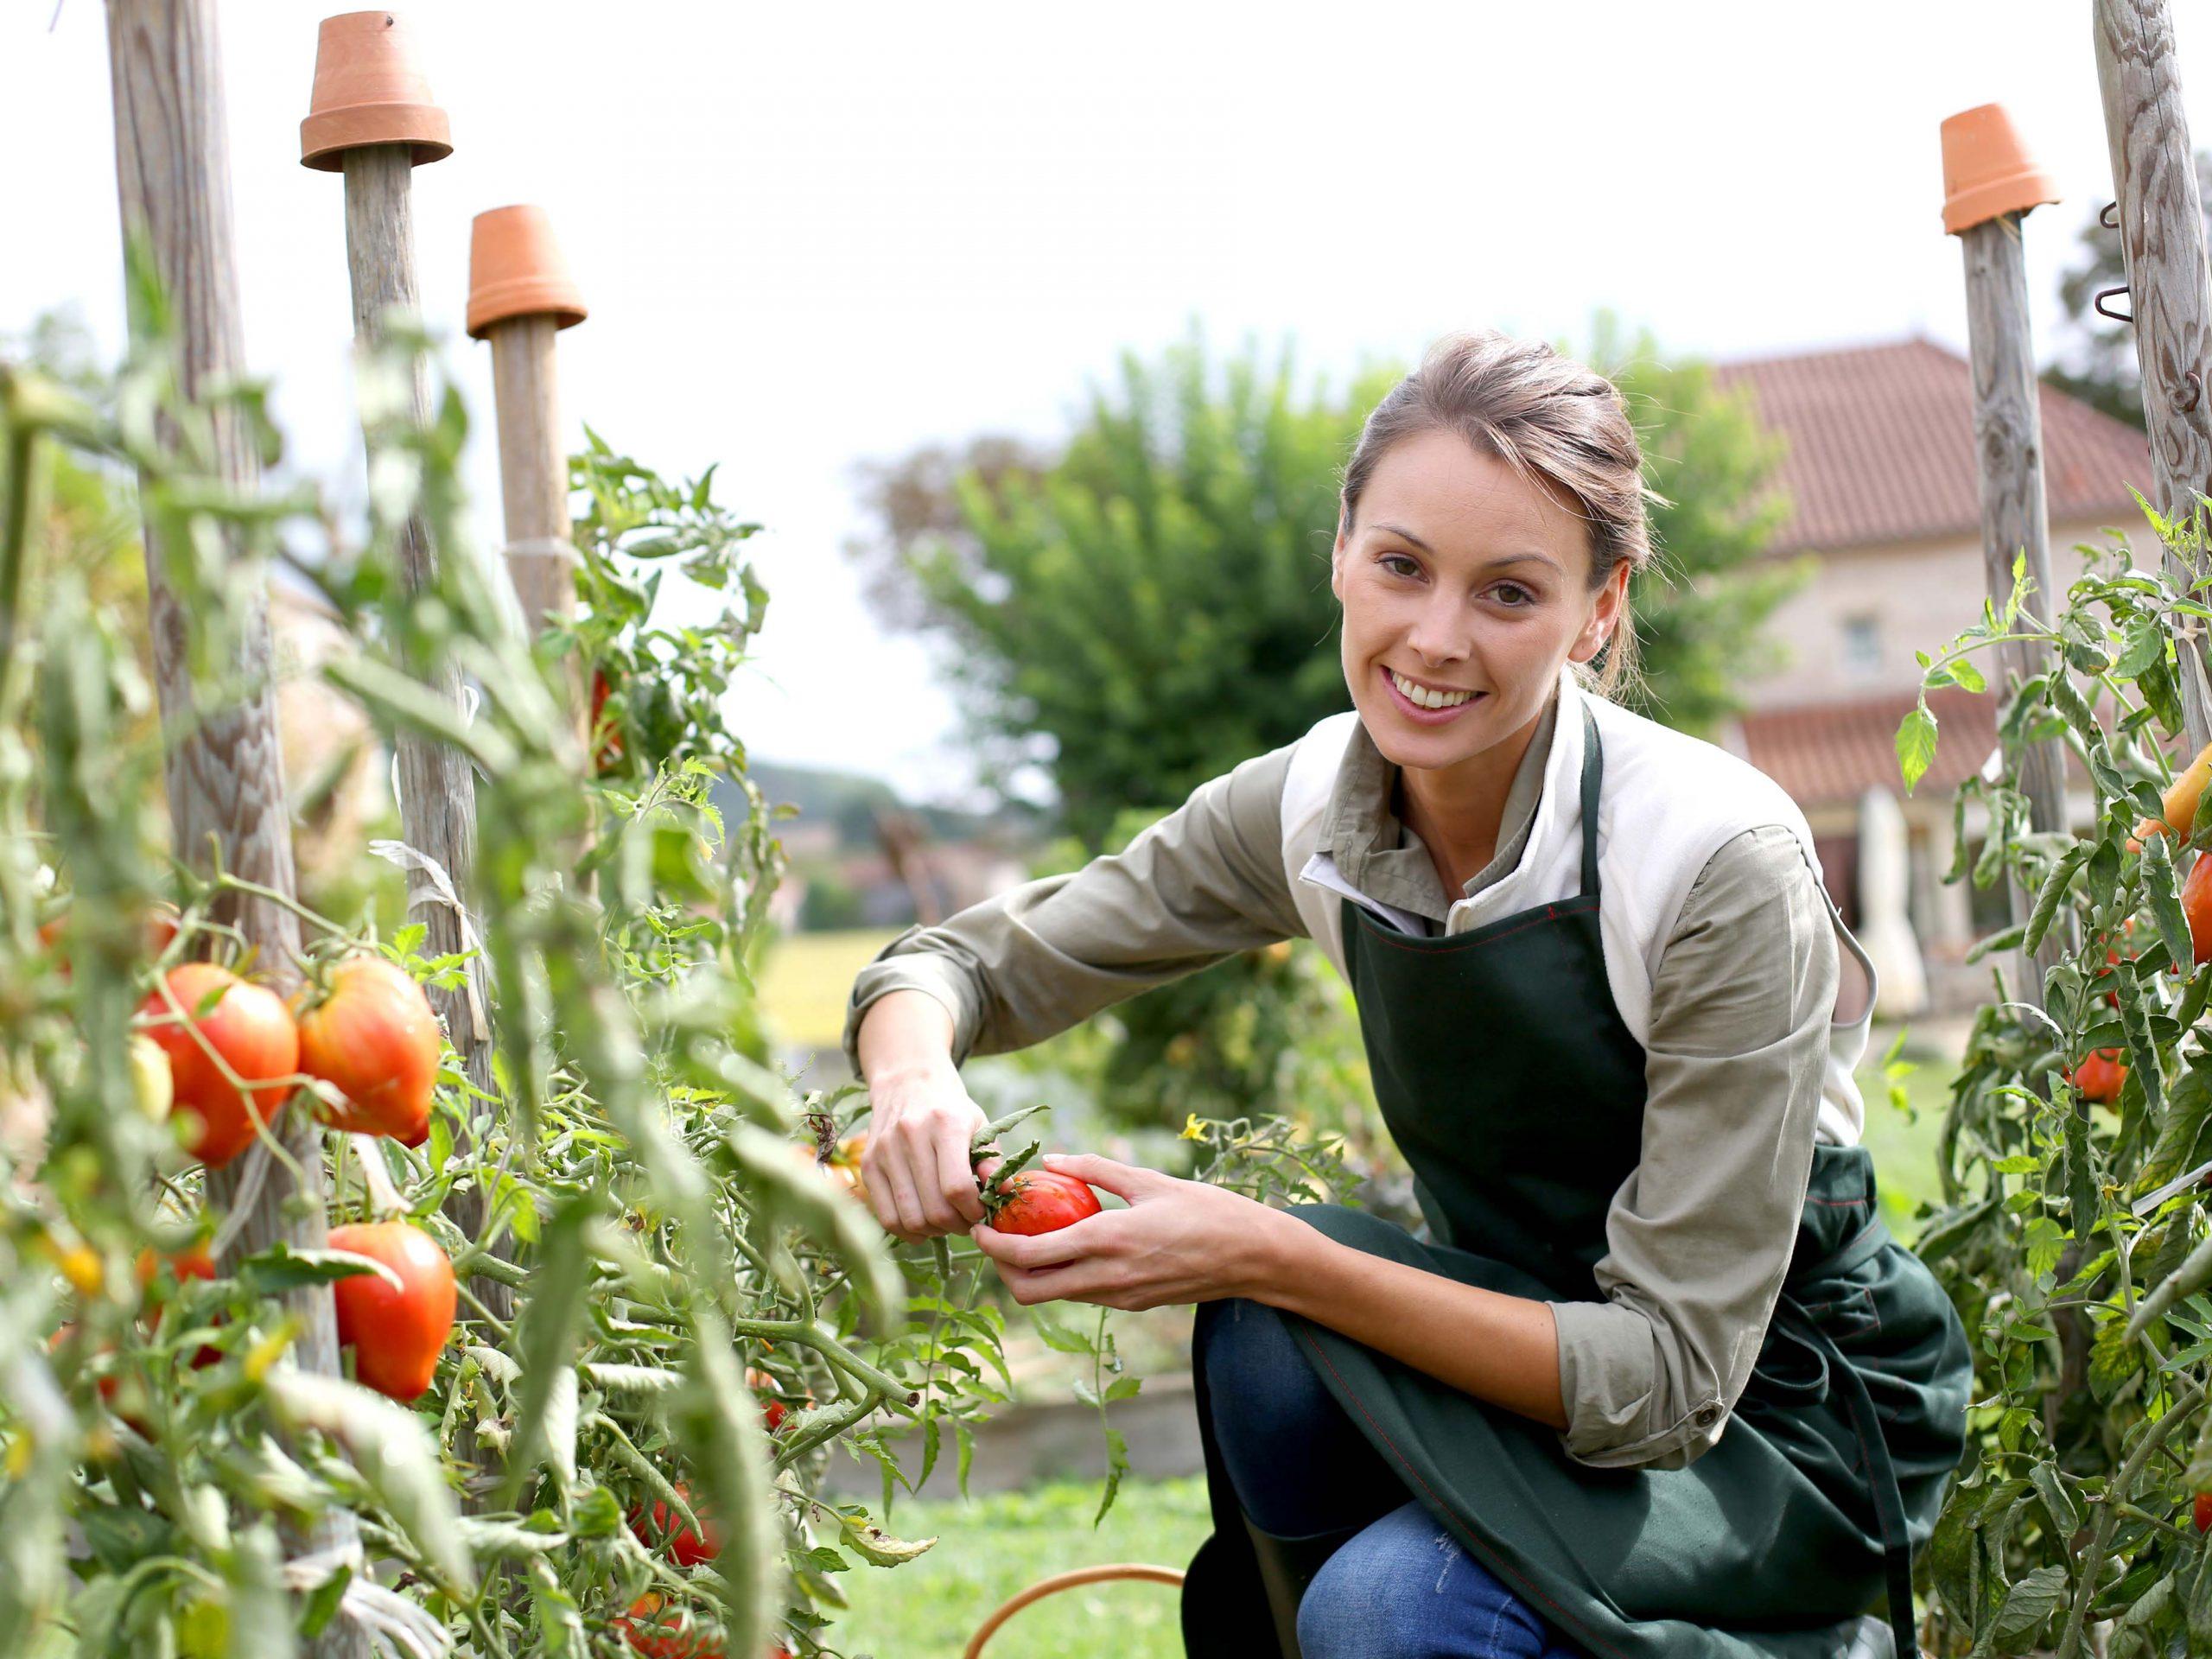 Kräuter, Obst & Gemüse